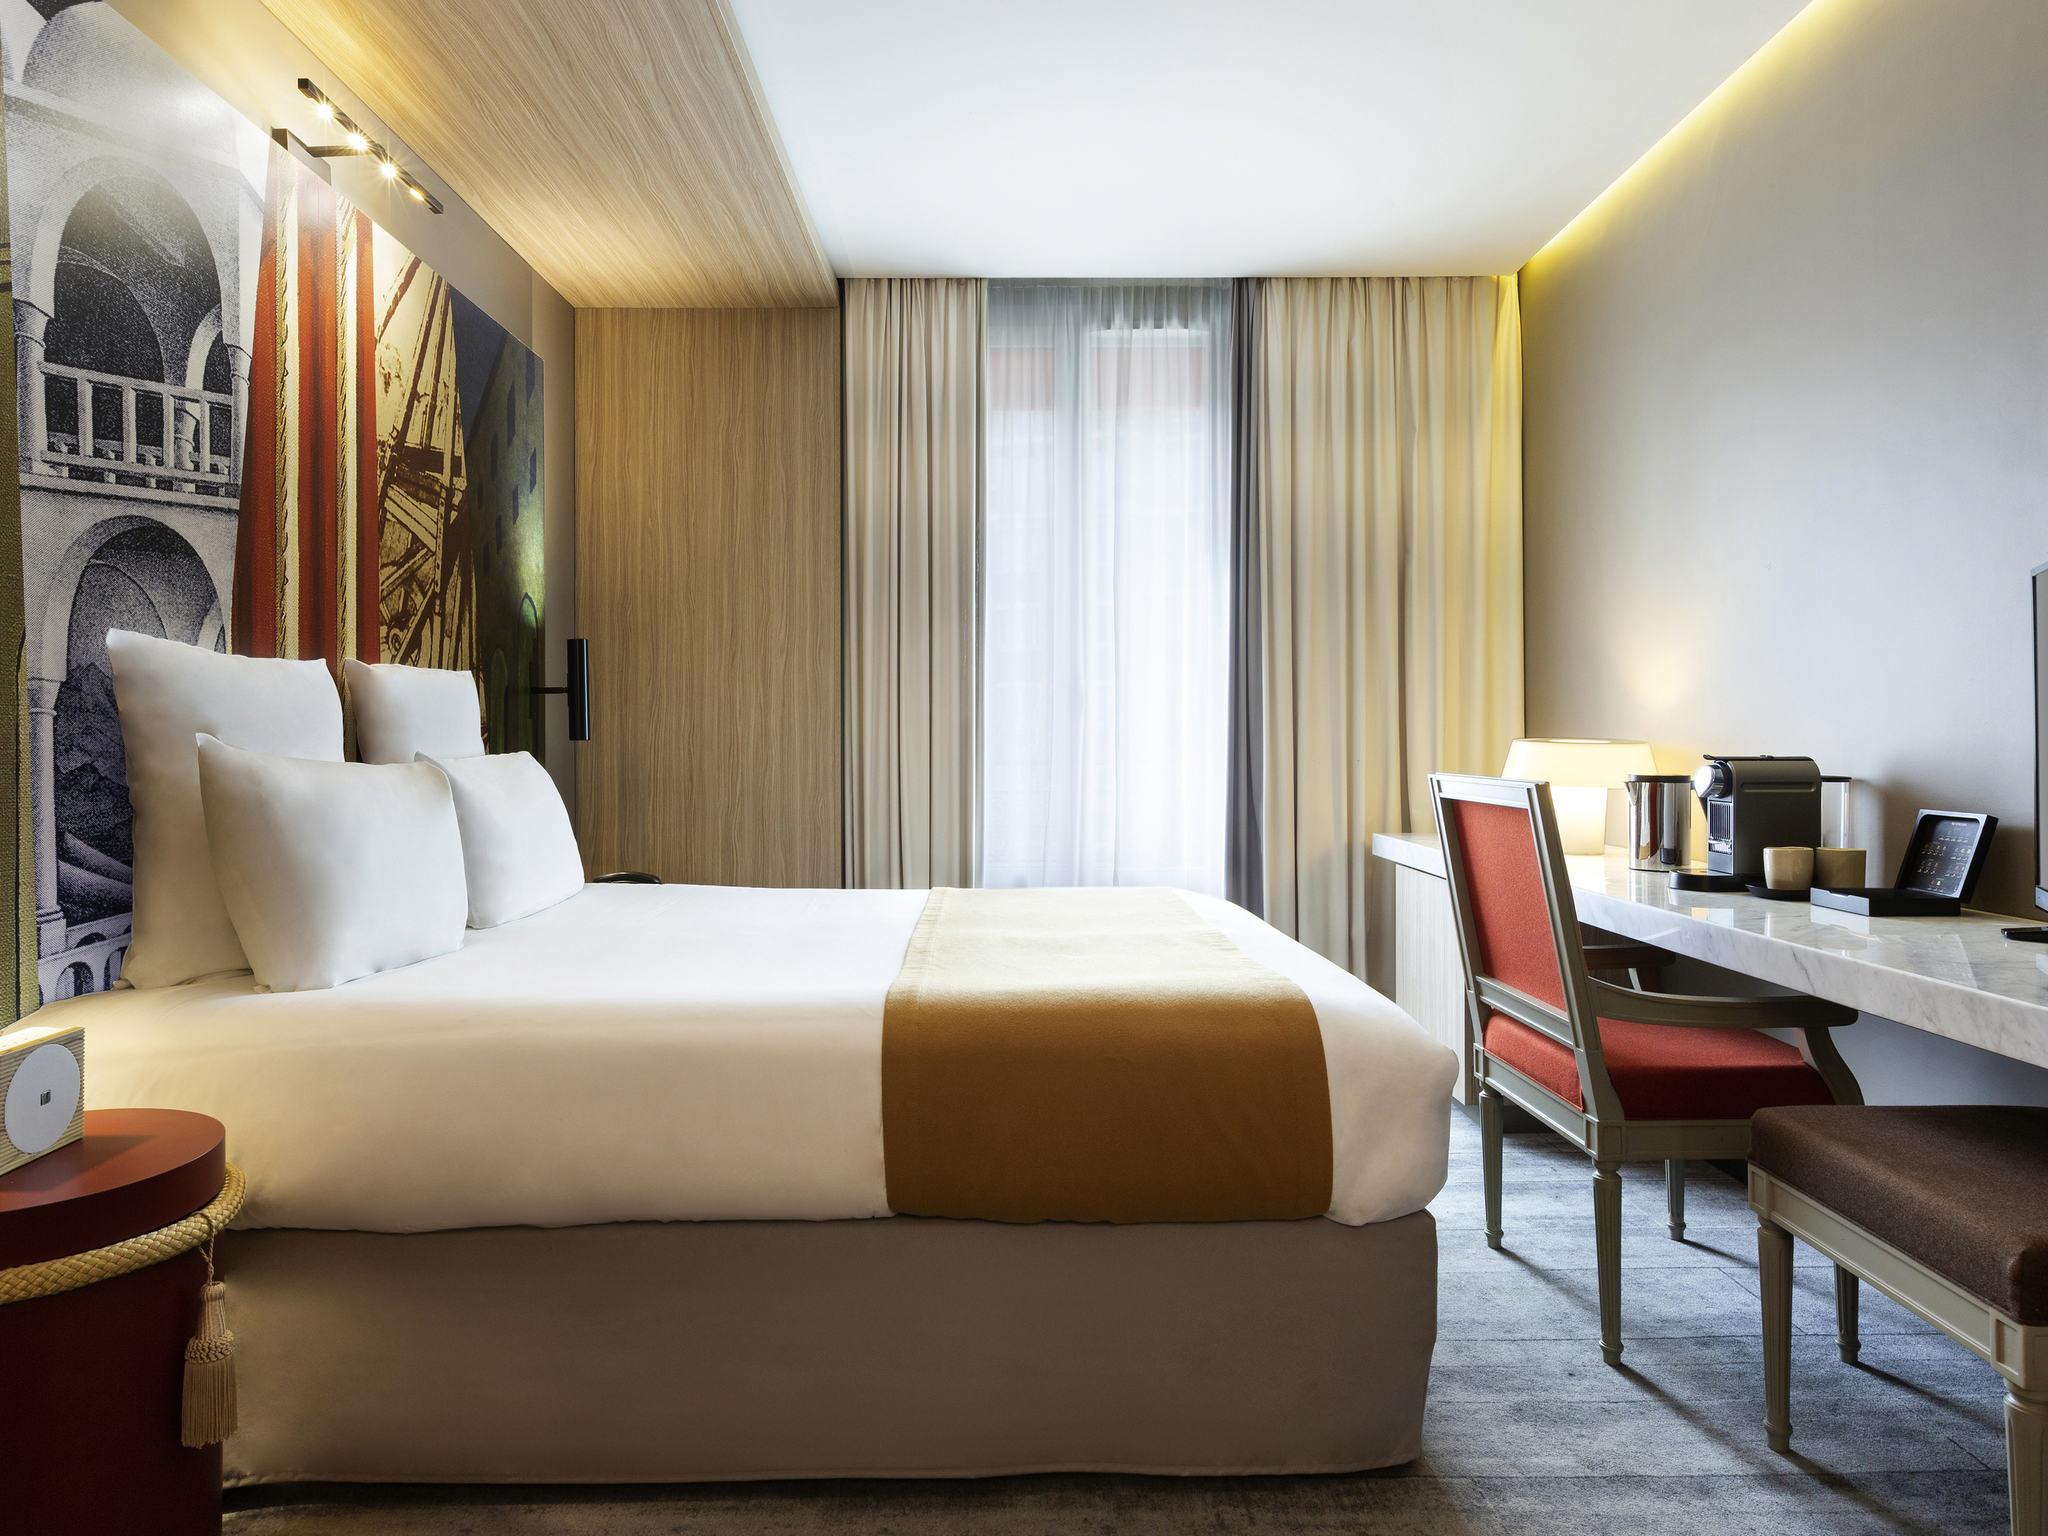 ホテル – メルキュール パリ アレジア ホテル